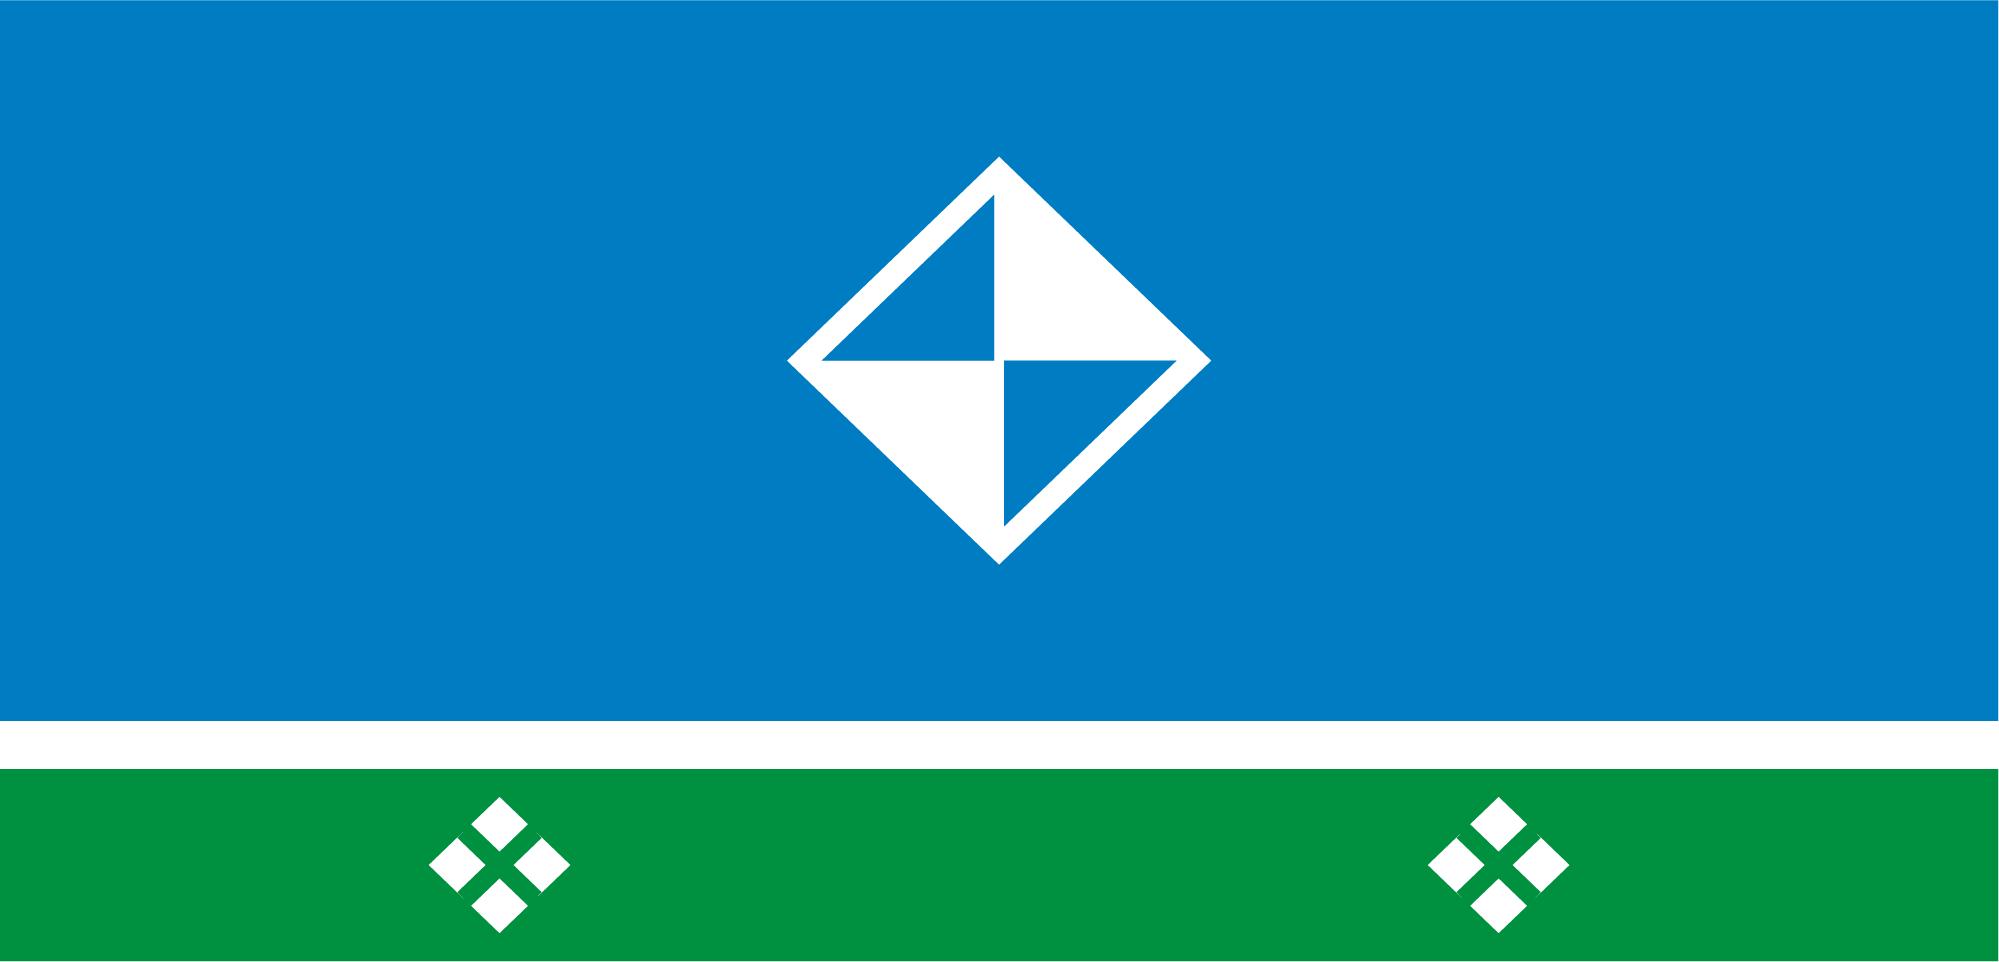 Флаг Мирного (Якутия)